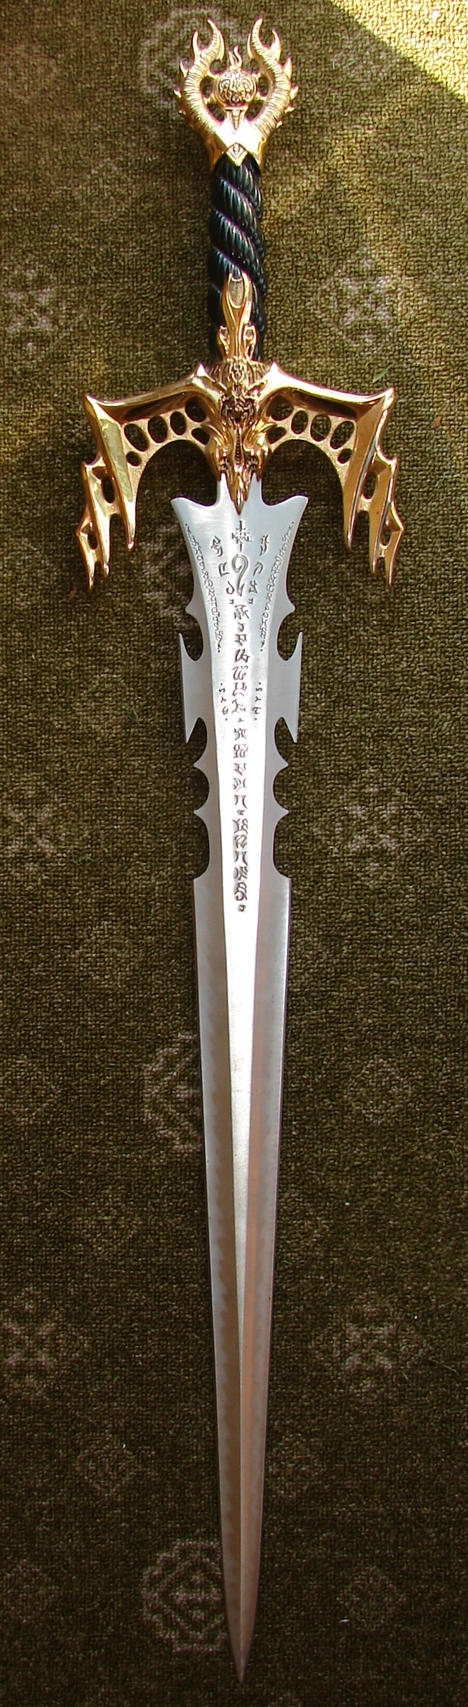 Golden Rune Sword by FantasyStock